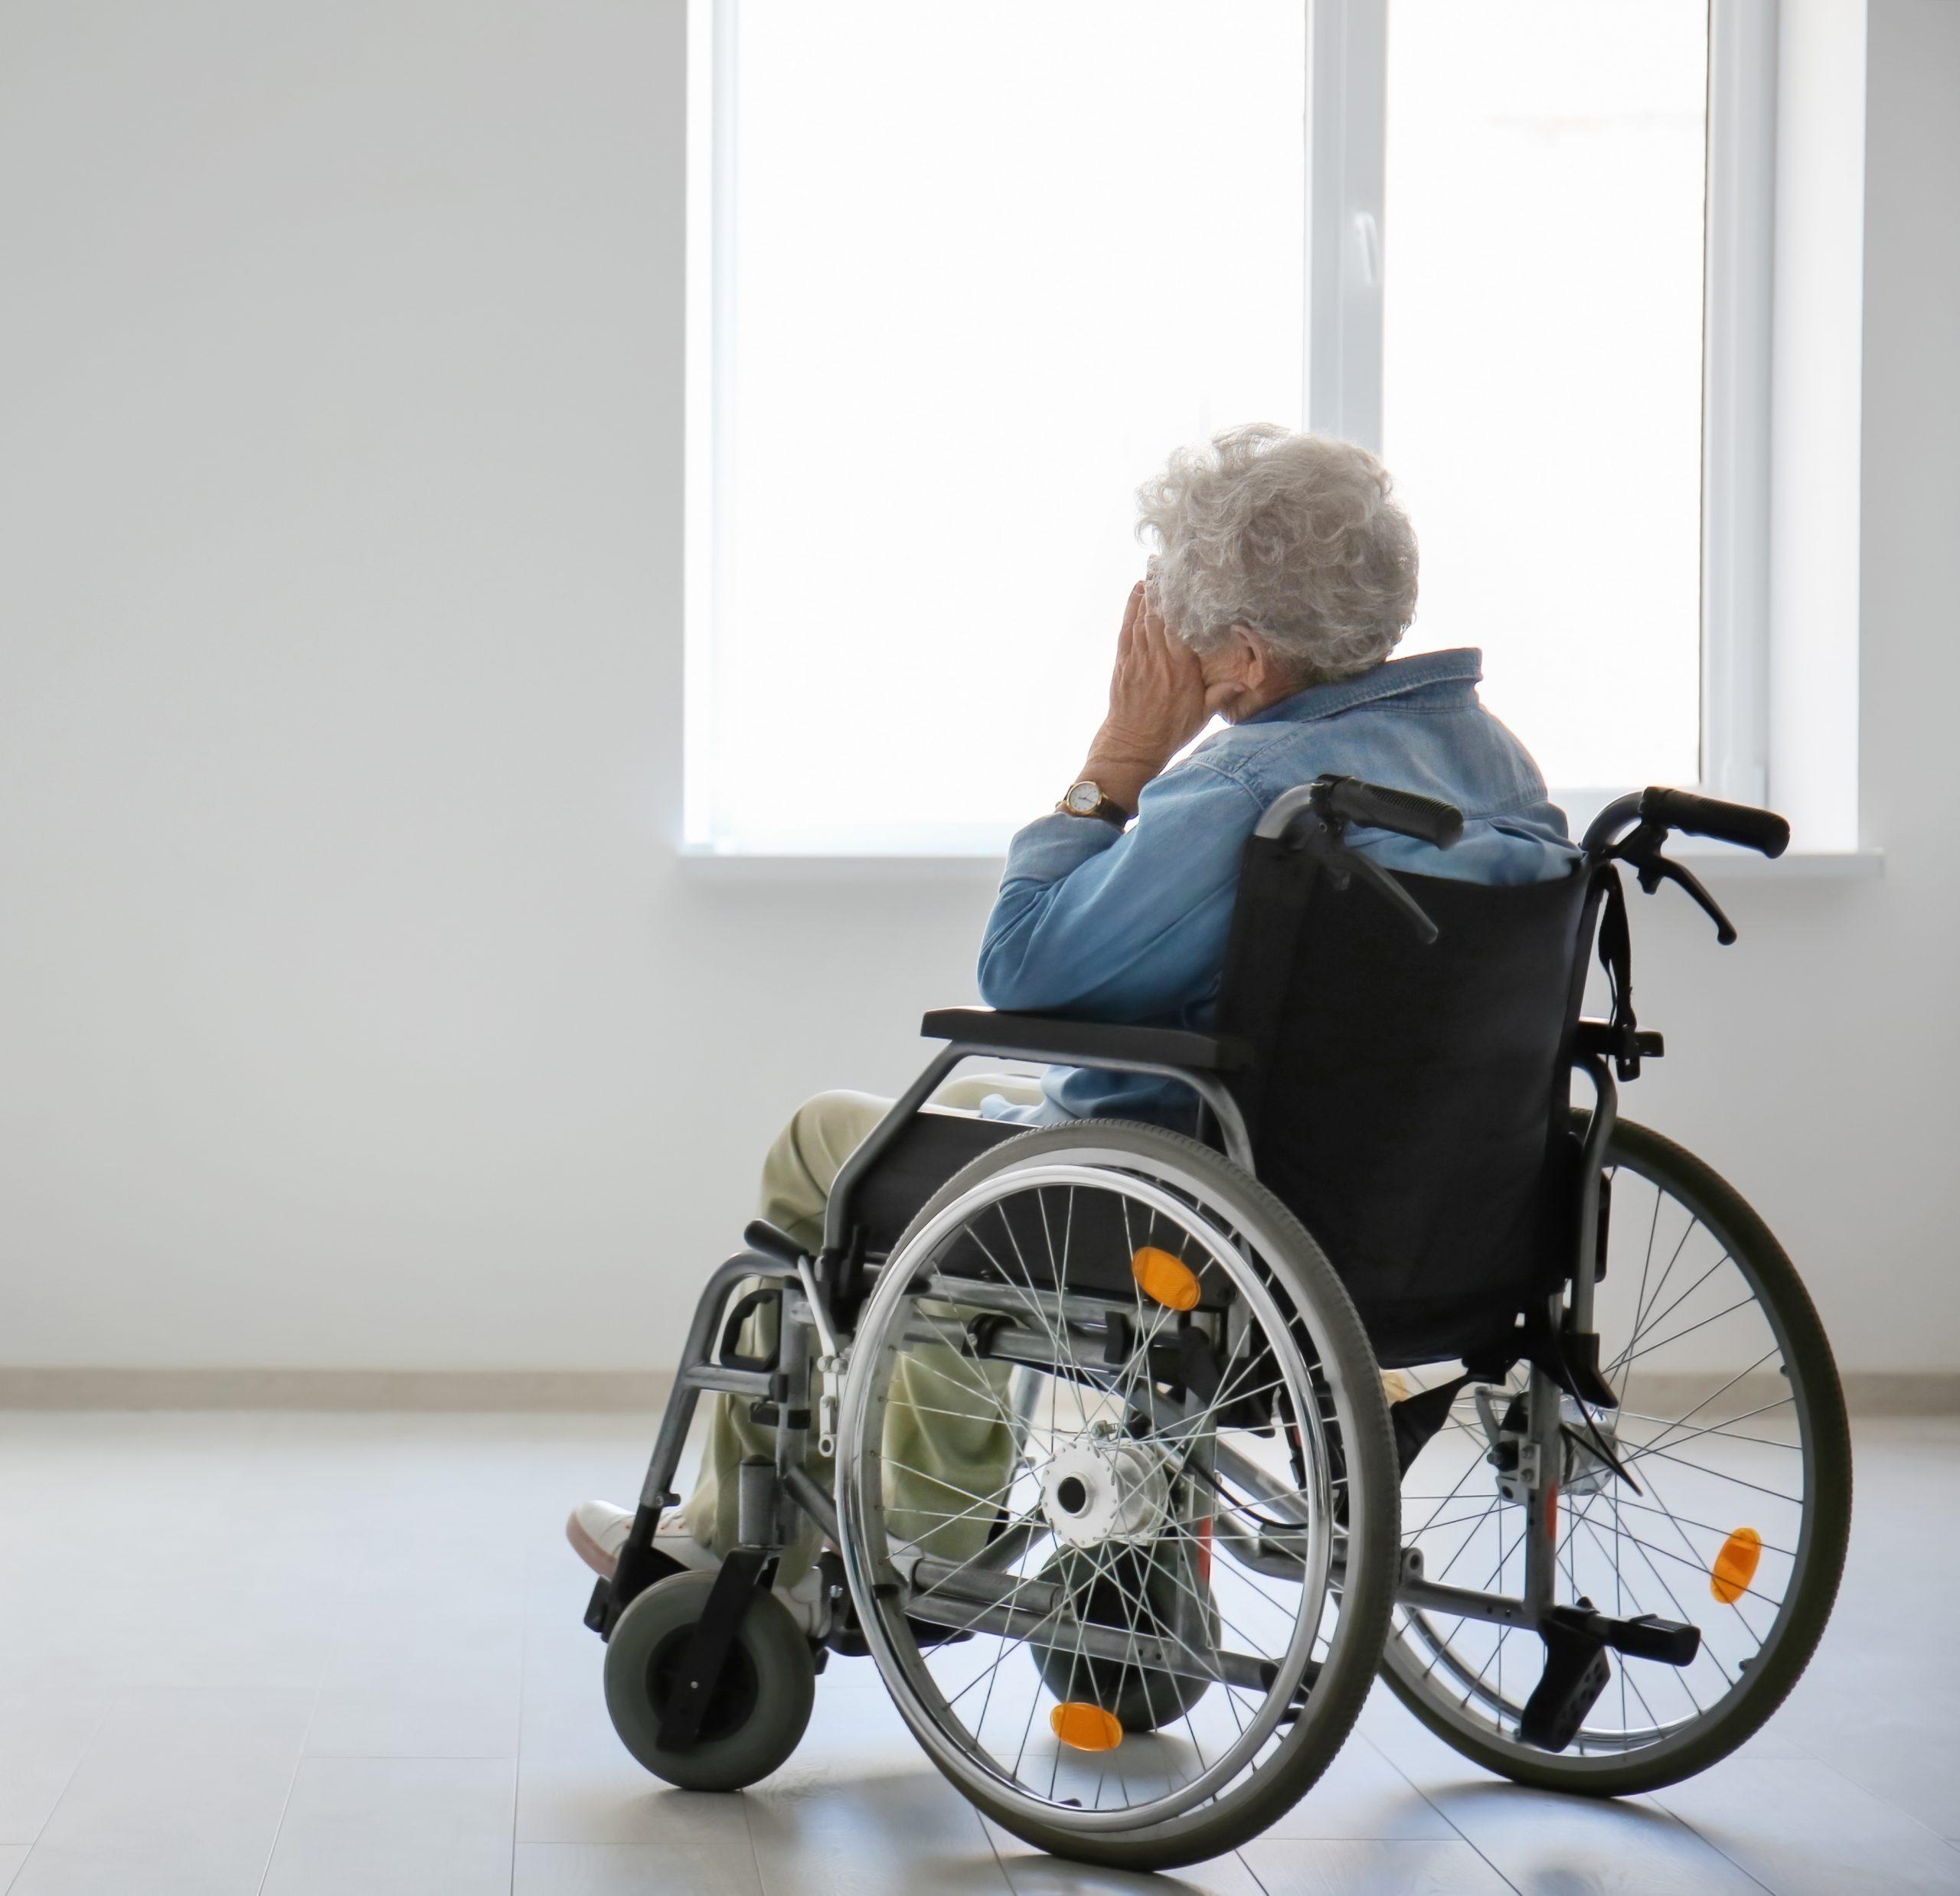 L'AREQ accueille favorablement la volonté du gouvernement de s'attaquer à la maltraitance des aînés